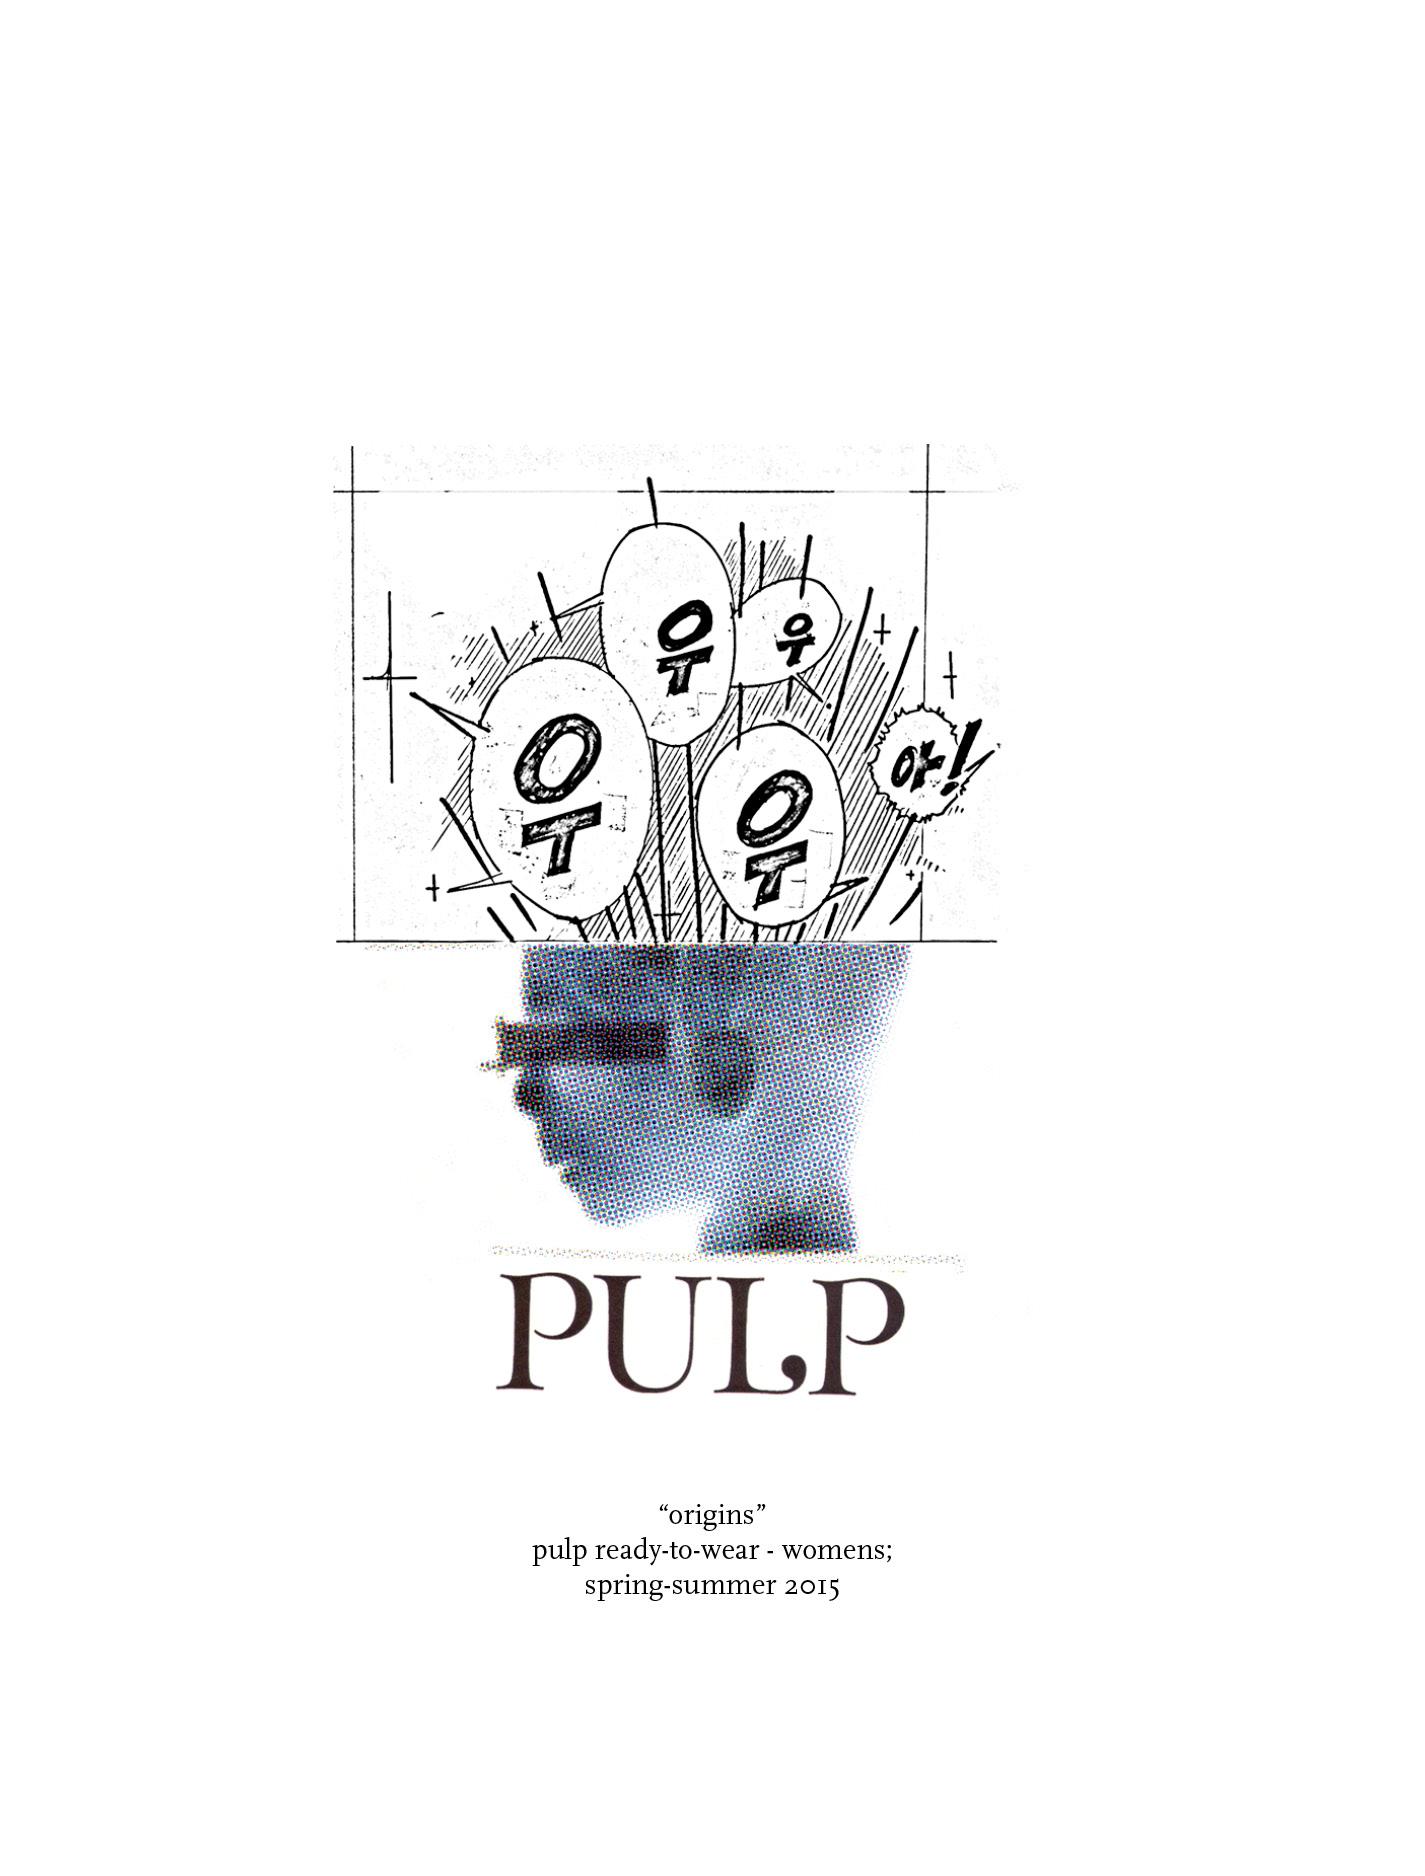 PULP SS 15 LOOKBOOK _SM3.jpg